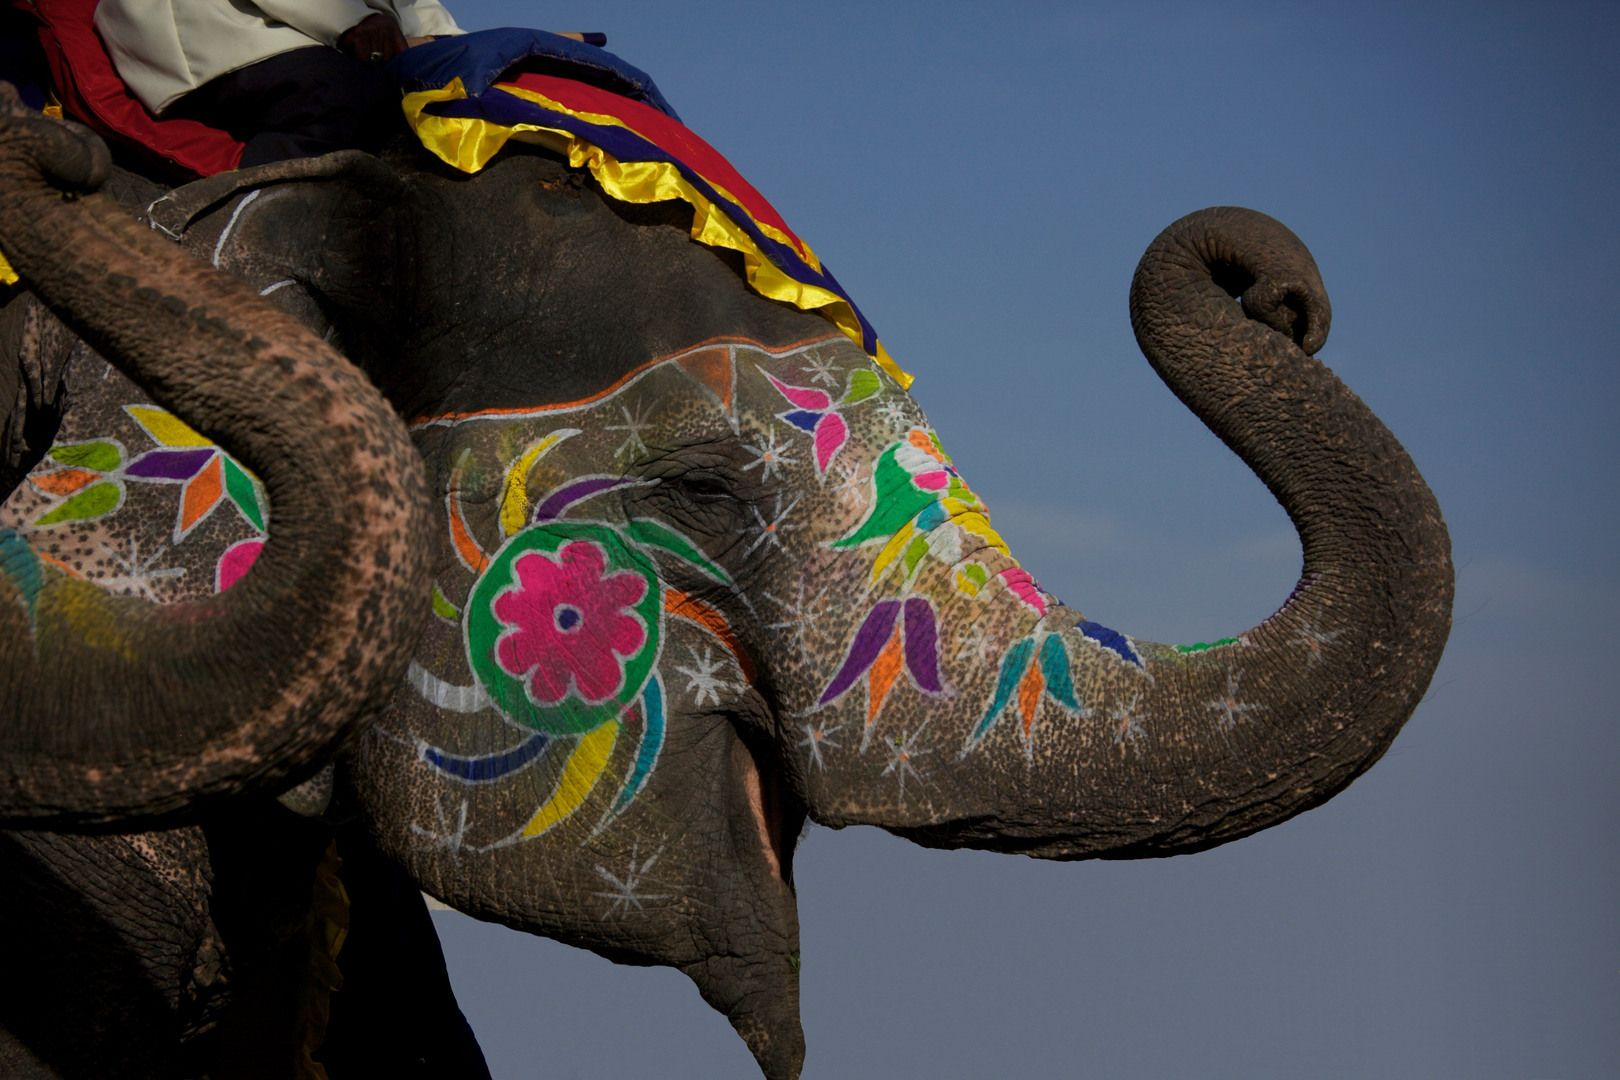 Painted elephant - Jaipur   Inspiration   Pinterest ...